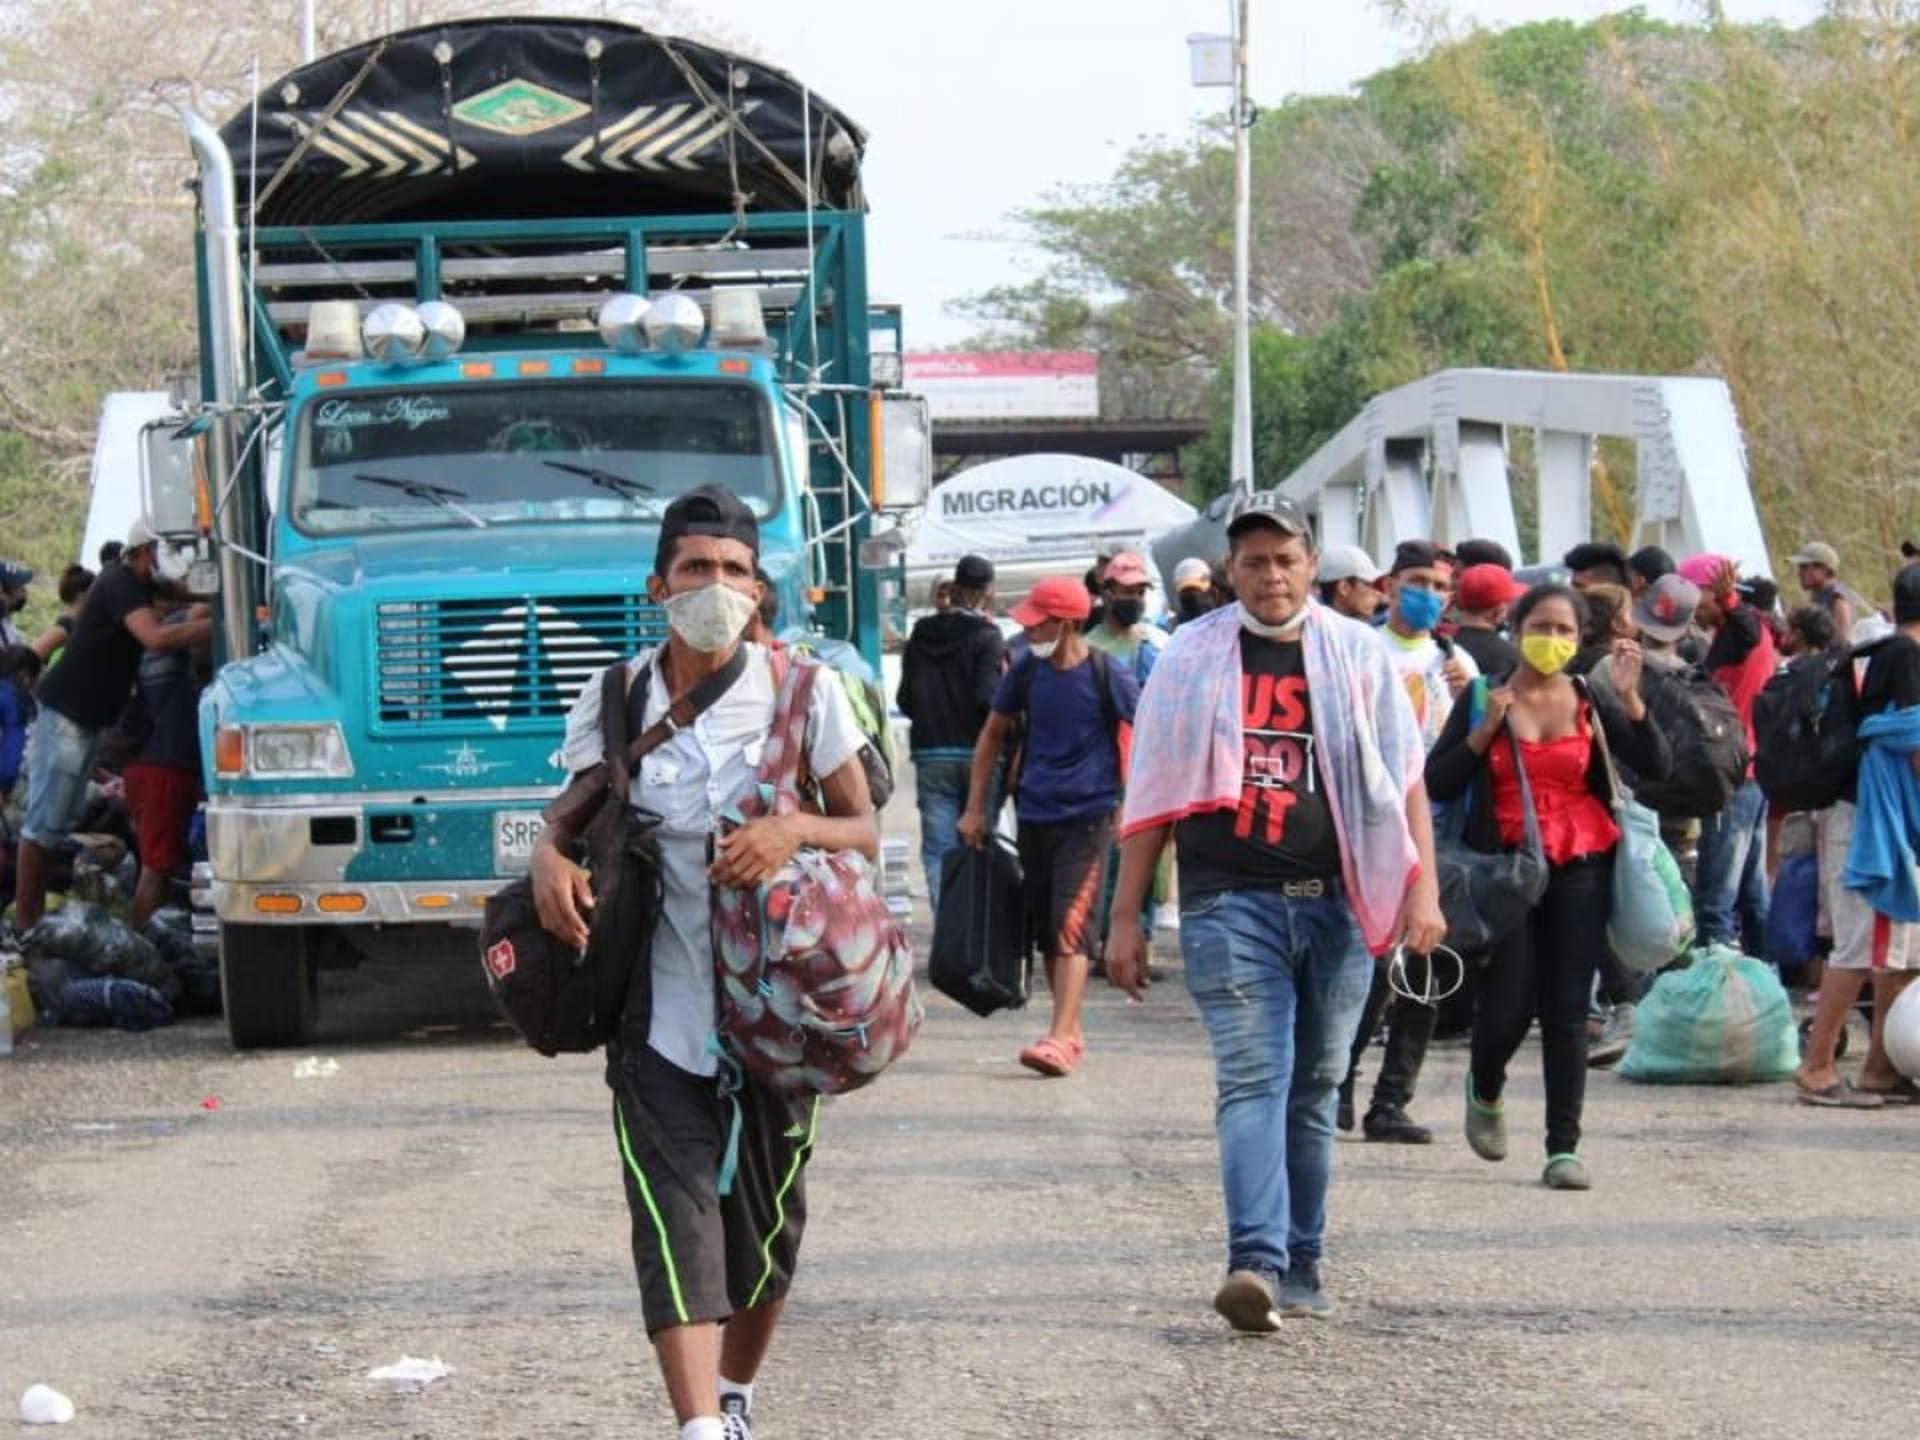 Escasez crónica de gasolina obliga a venezolanos a usar burros